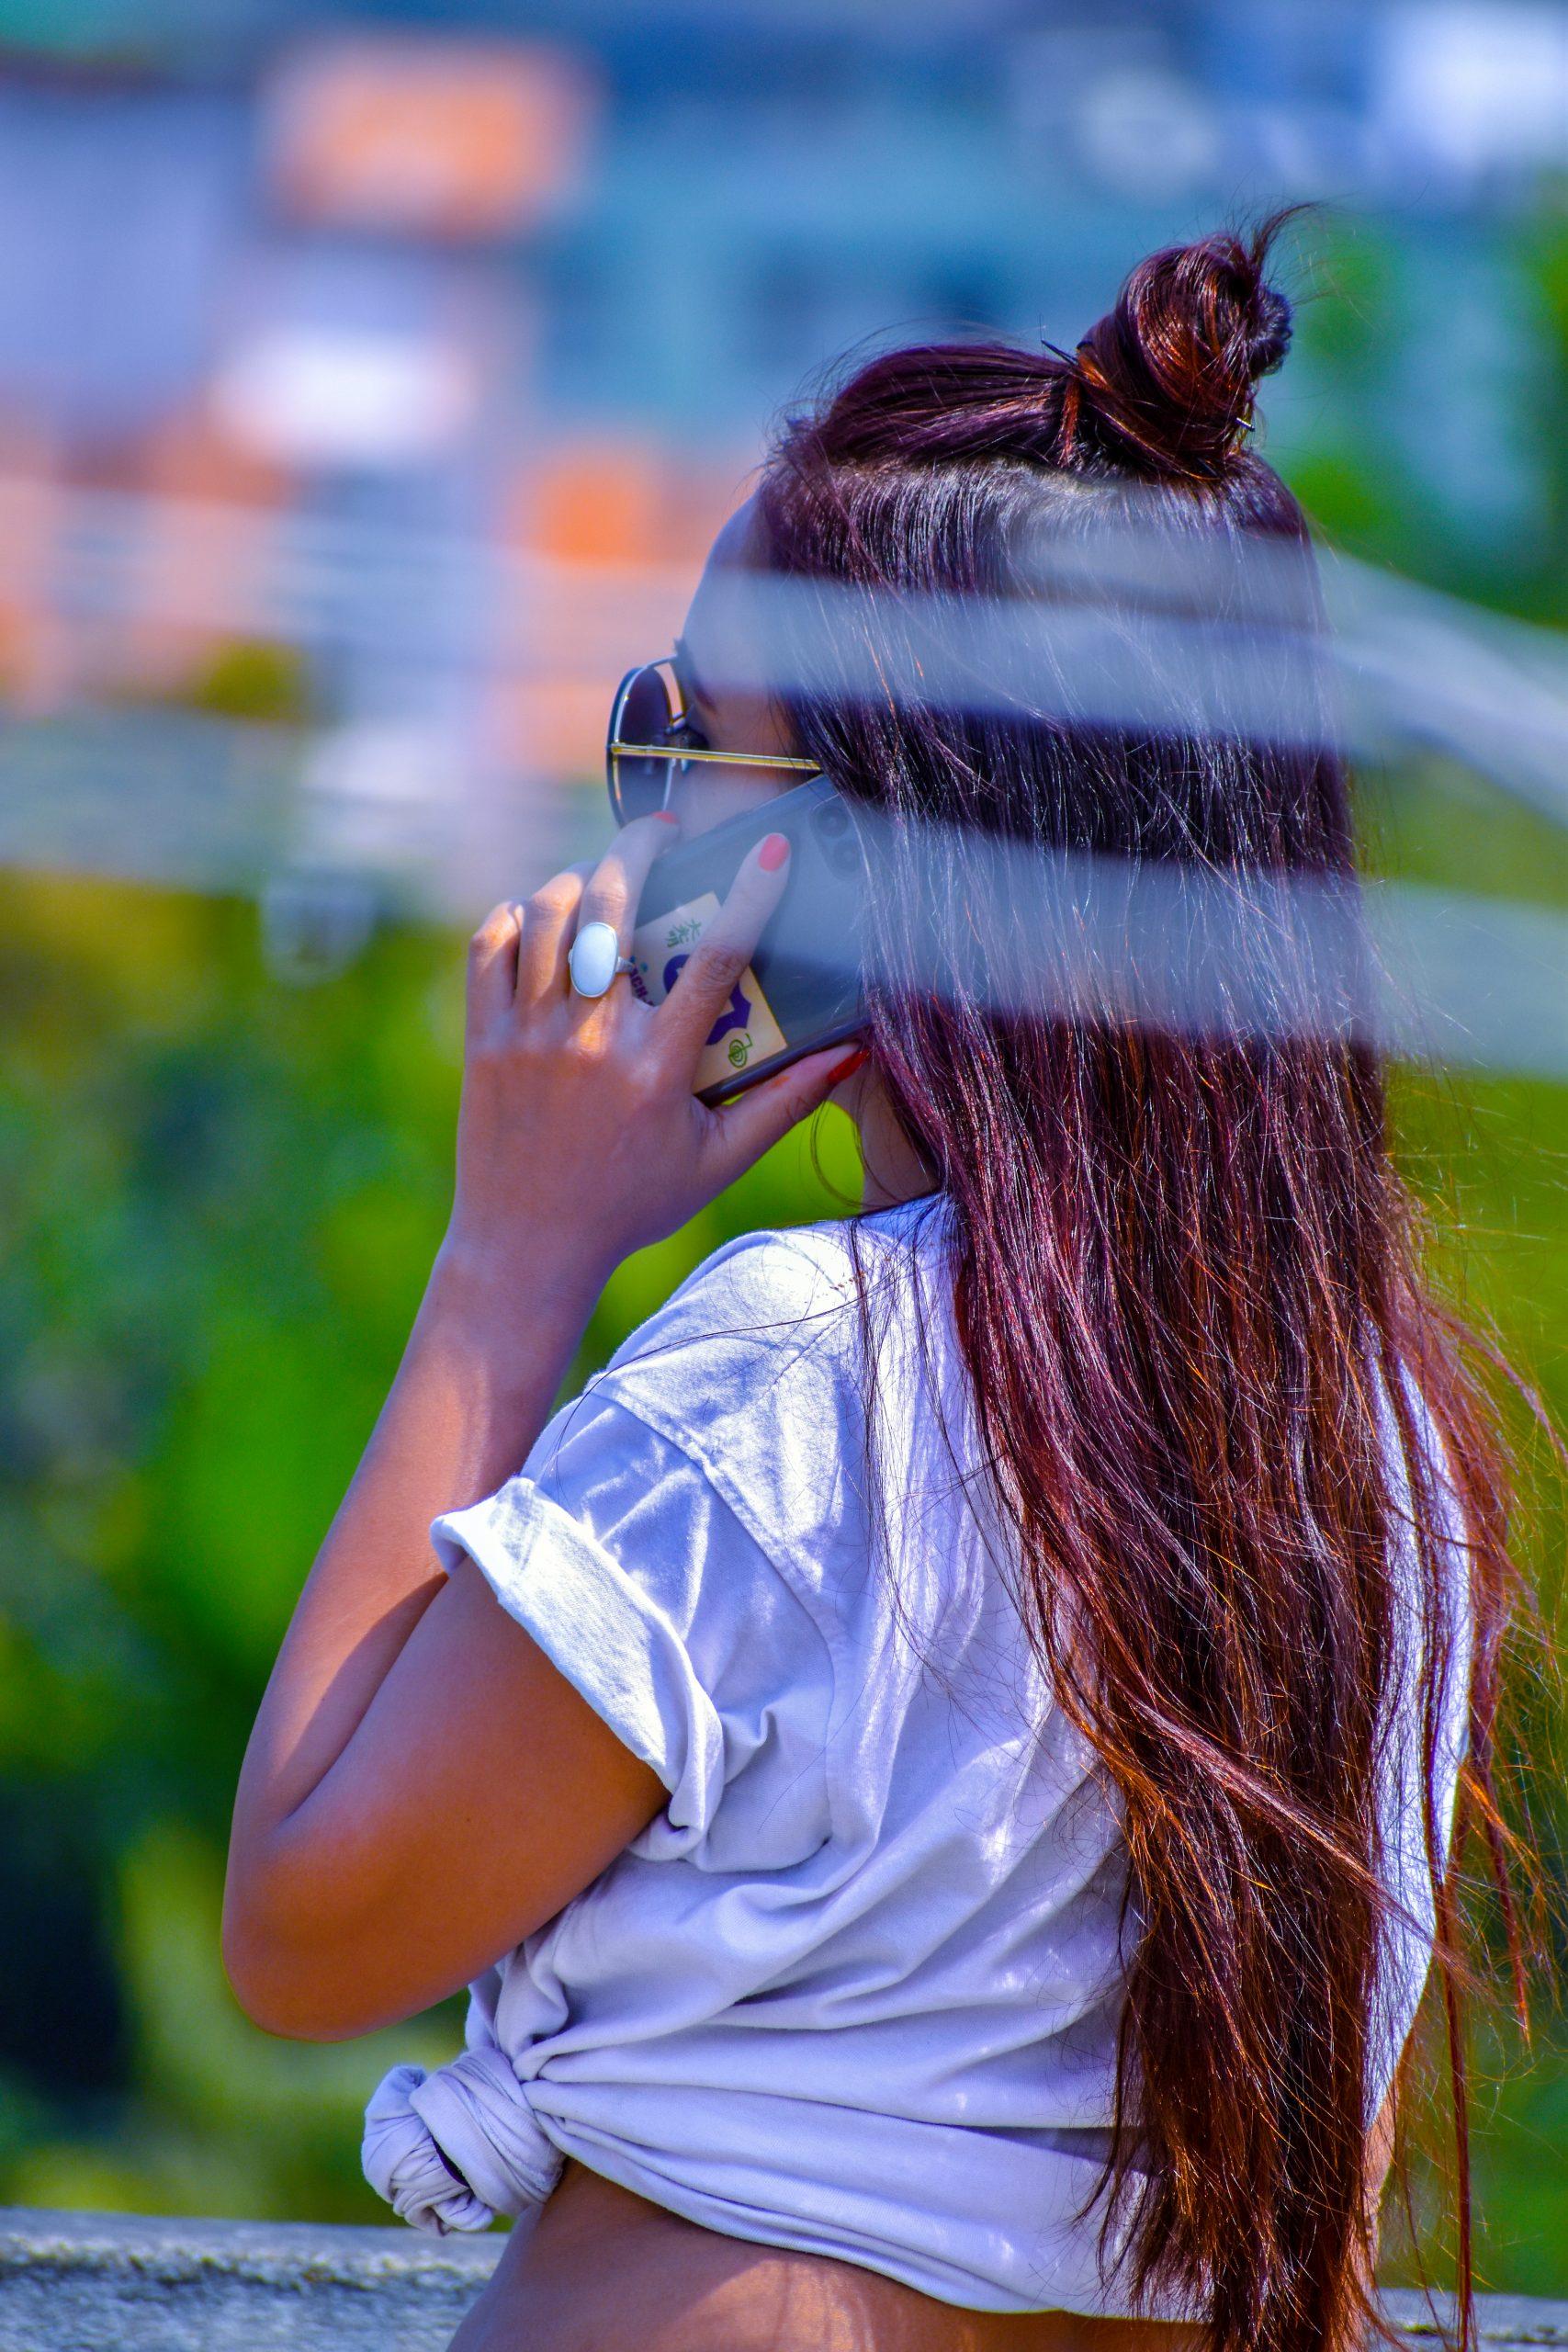 A long hair girl attending a phone call